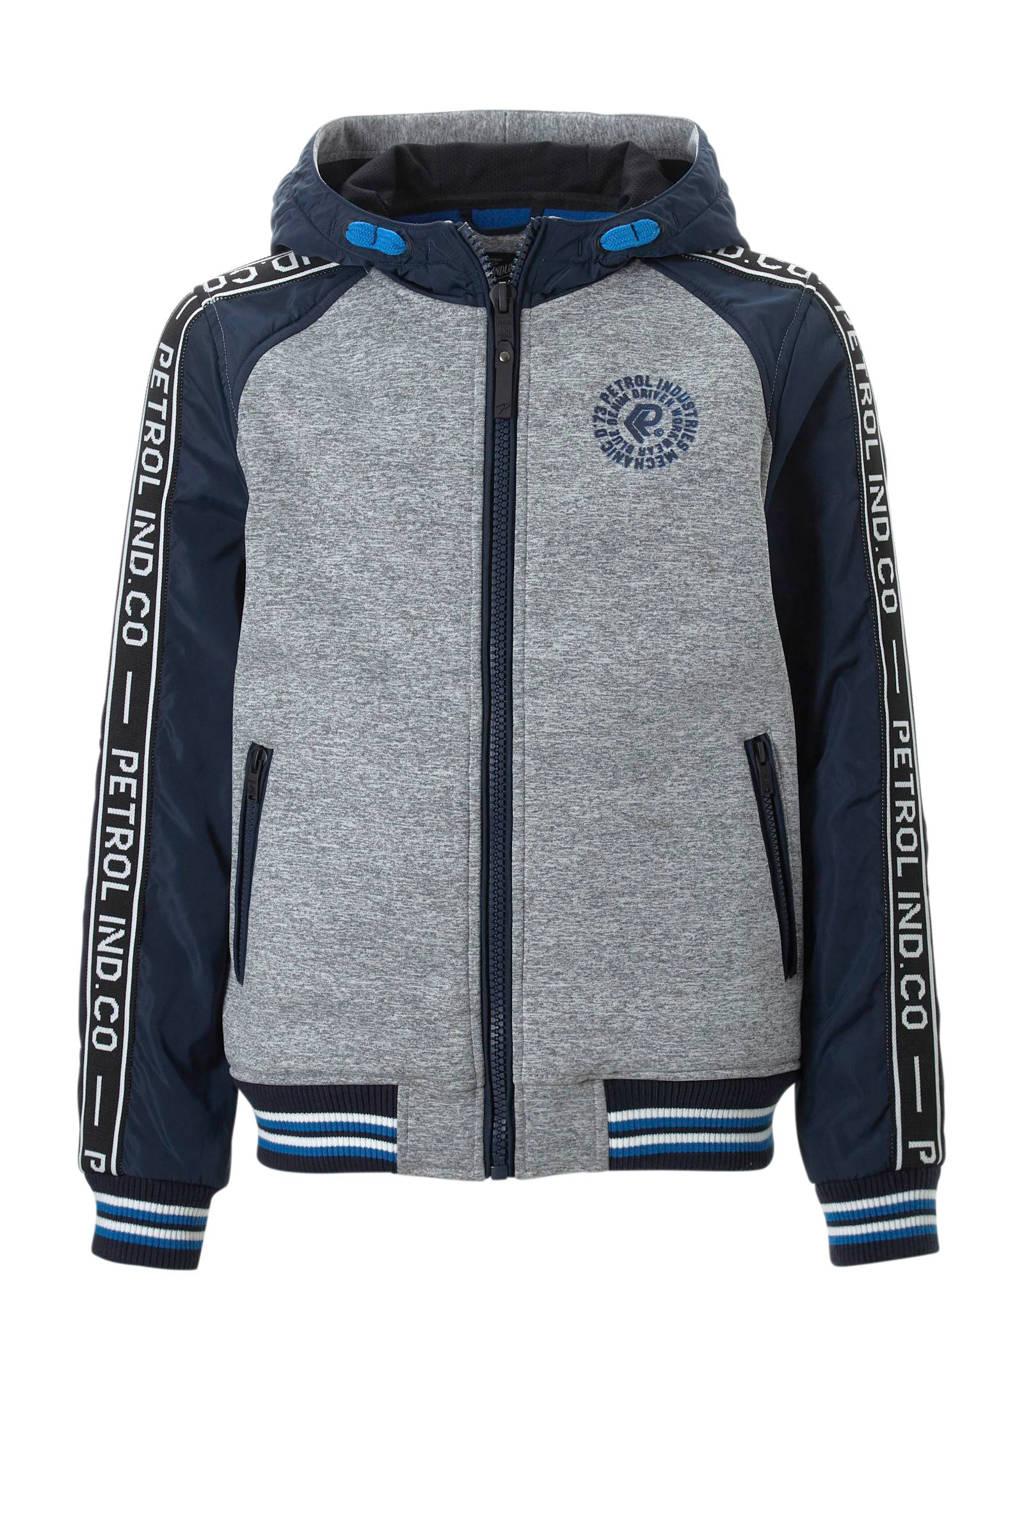 Petrol Industries zomerjas donkerblauw/grijs, Donkerblauw/grijs melange